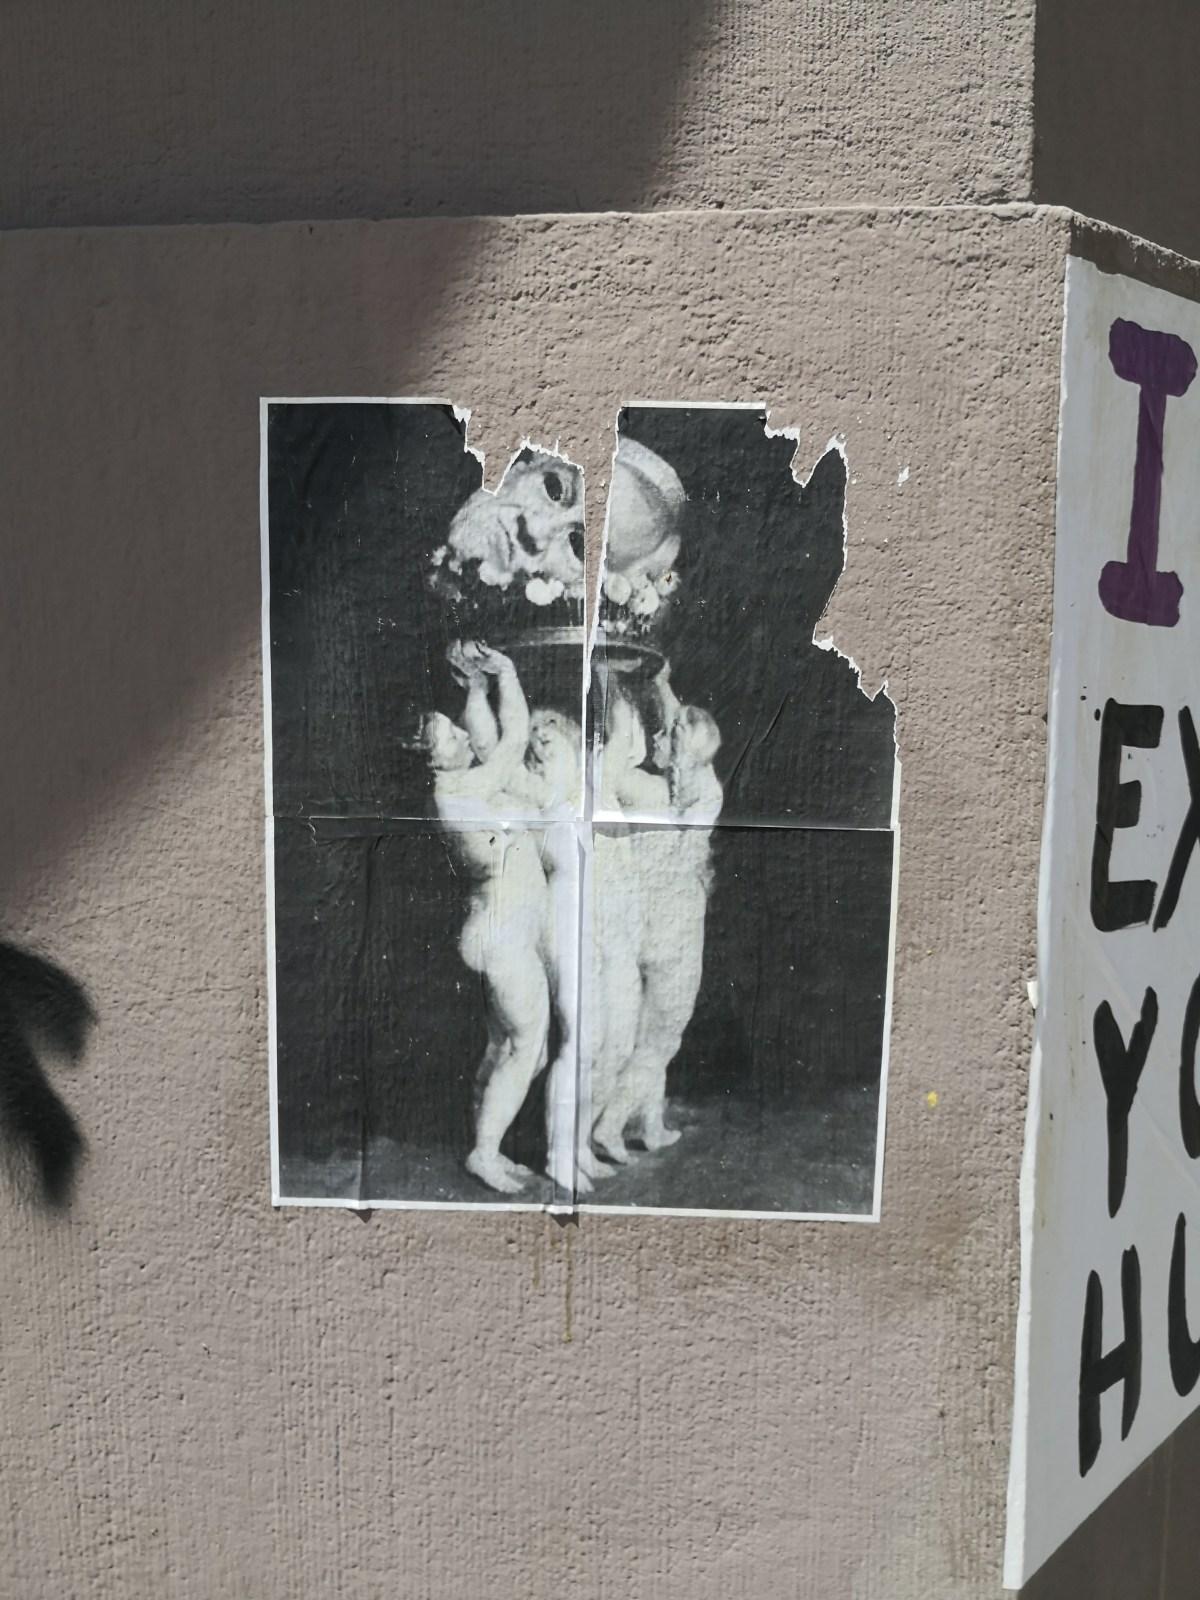 Afiche callejero contra Sebastián Piñera y apoyando protestas en Chile